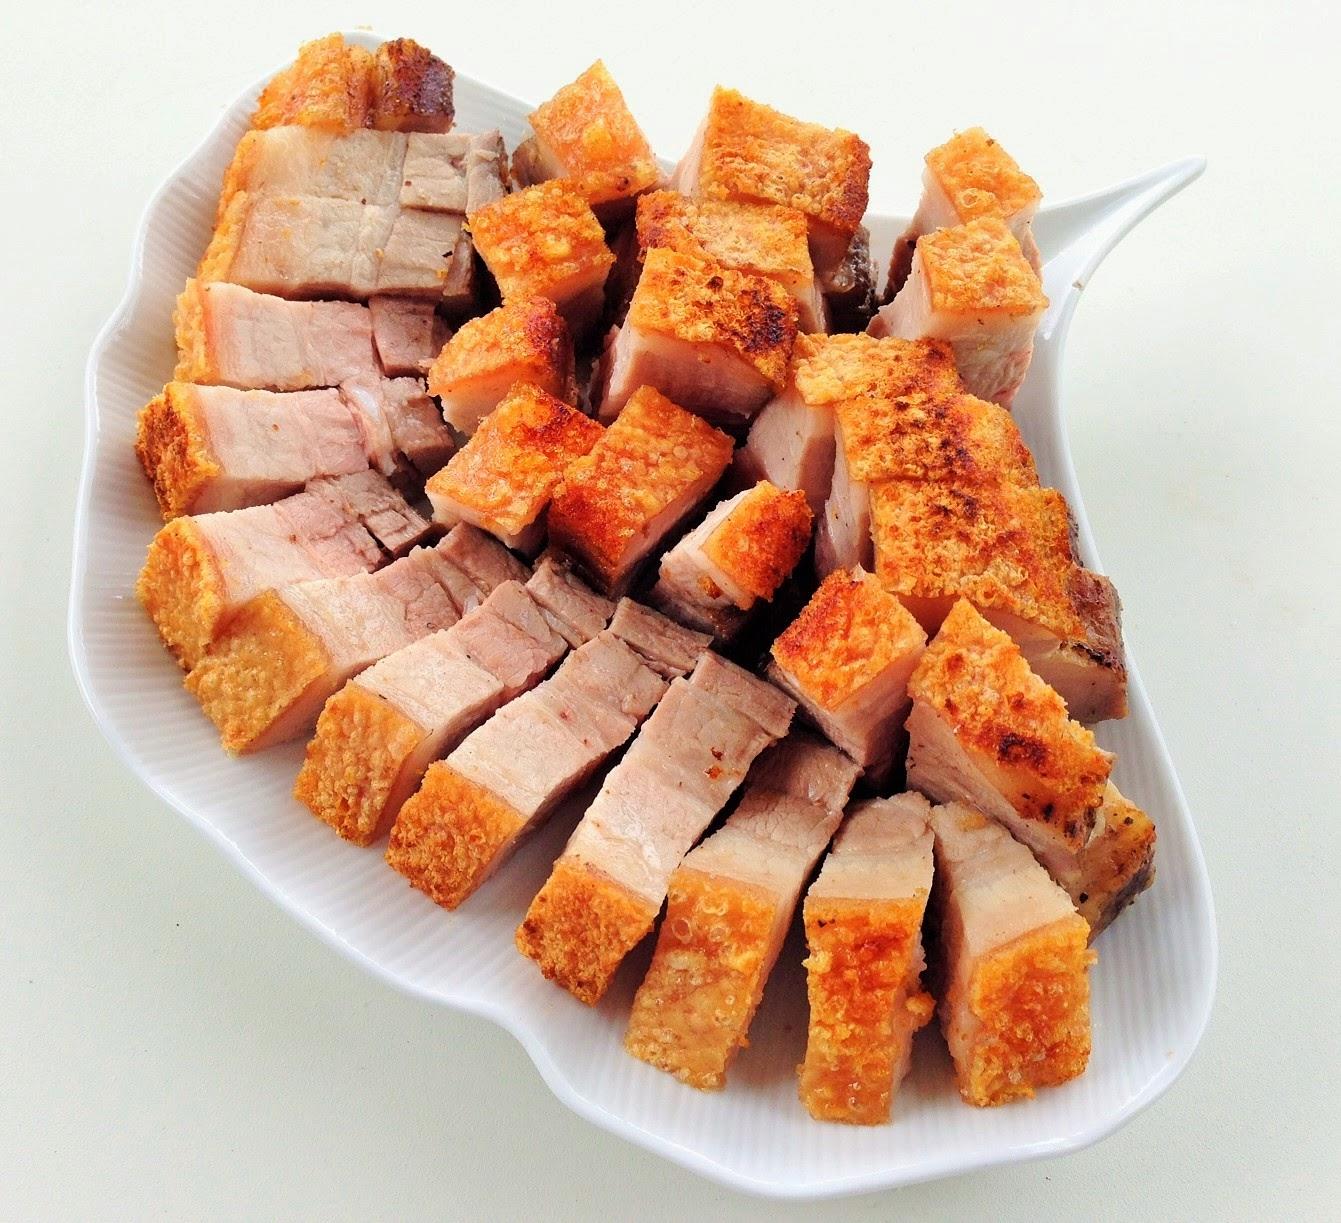 chế biến thịt lợn bằng nồi chiên không dầu 1